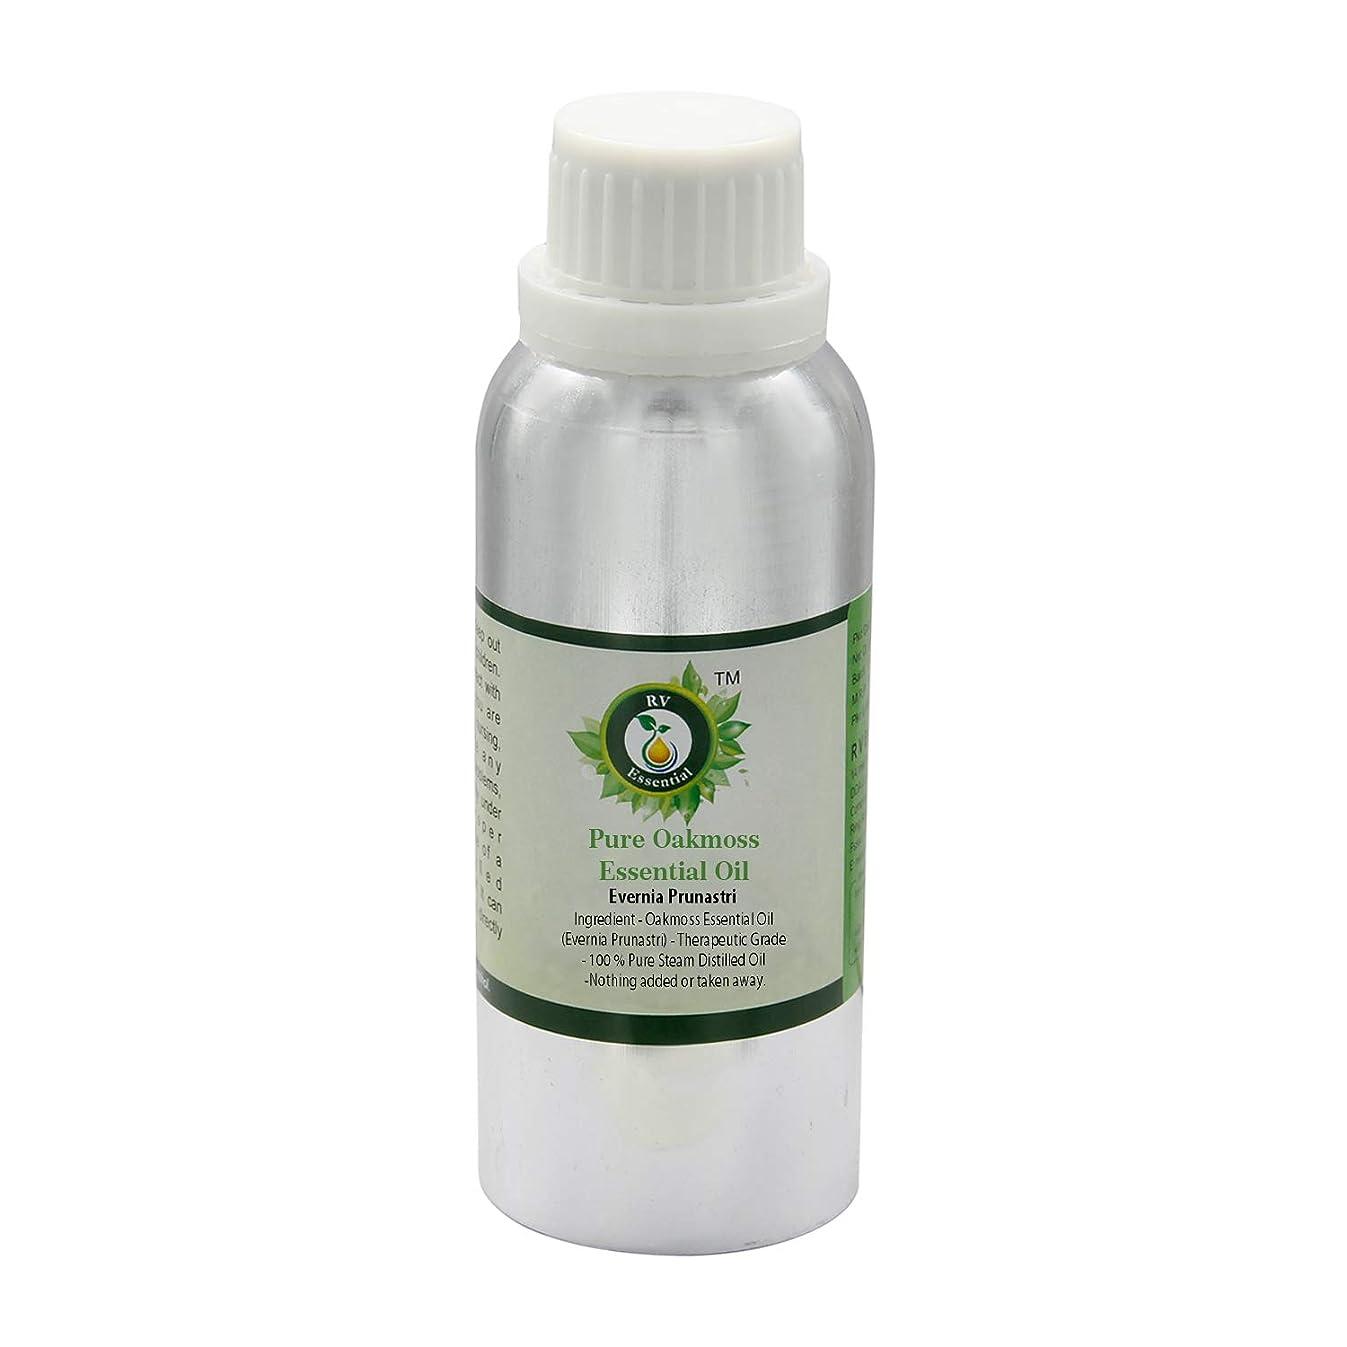 チーターパトロール無意味ピュアOakmossエッセンシャルオイル300ml (10oz)- Evernia Prunastri (100%純粋&天然スチームDistilled) Pure Oakmoss Essential Oil